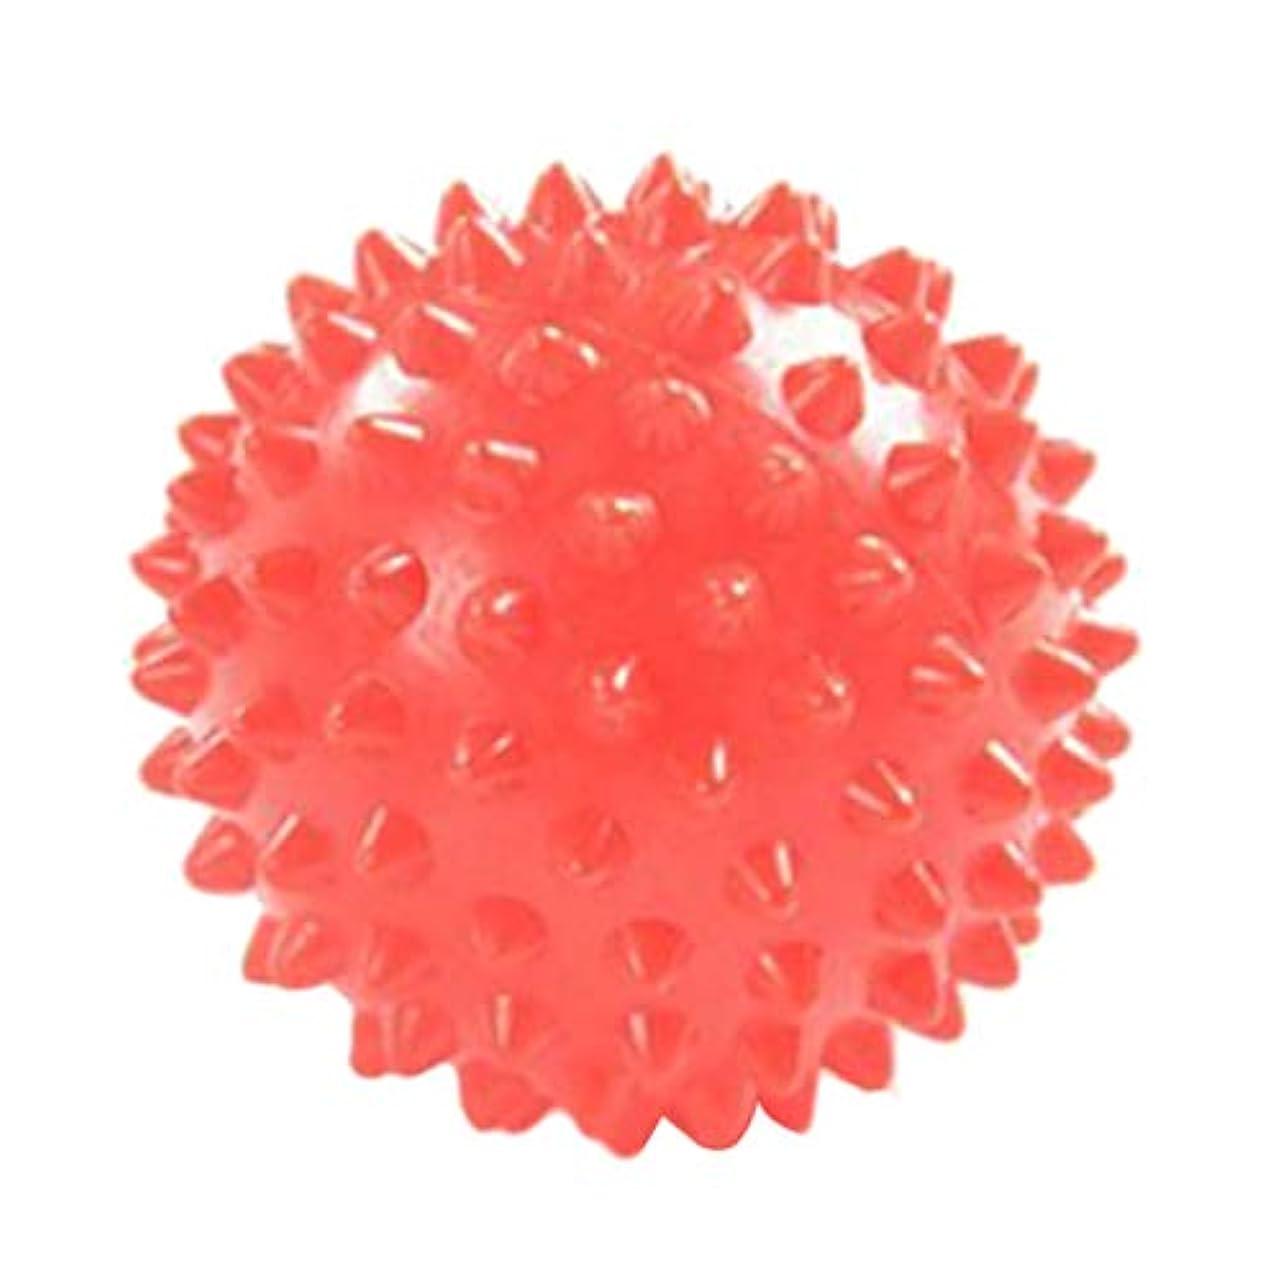 黙認する疑わしい単独でマッサージローラー マッサージボール 触覚ボール リハビリ ヨガ練習 7cm オレンジ